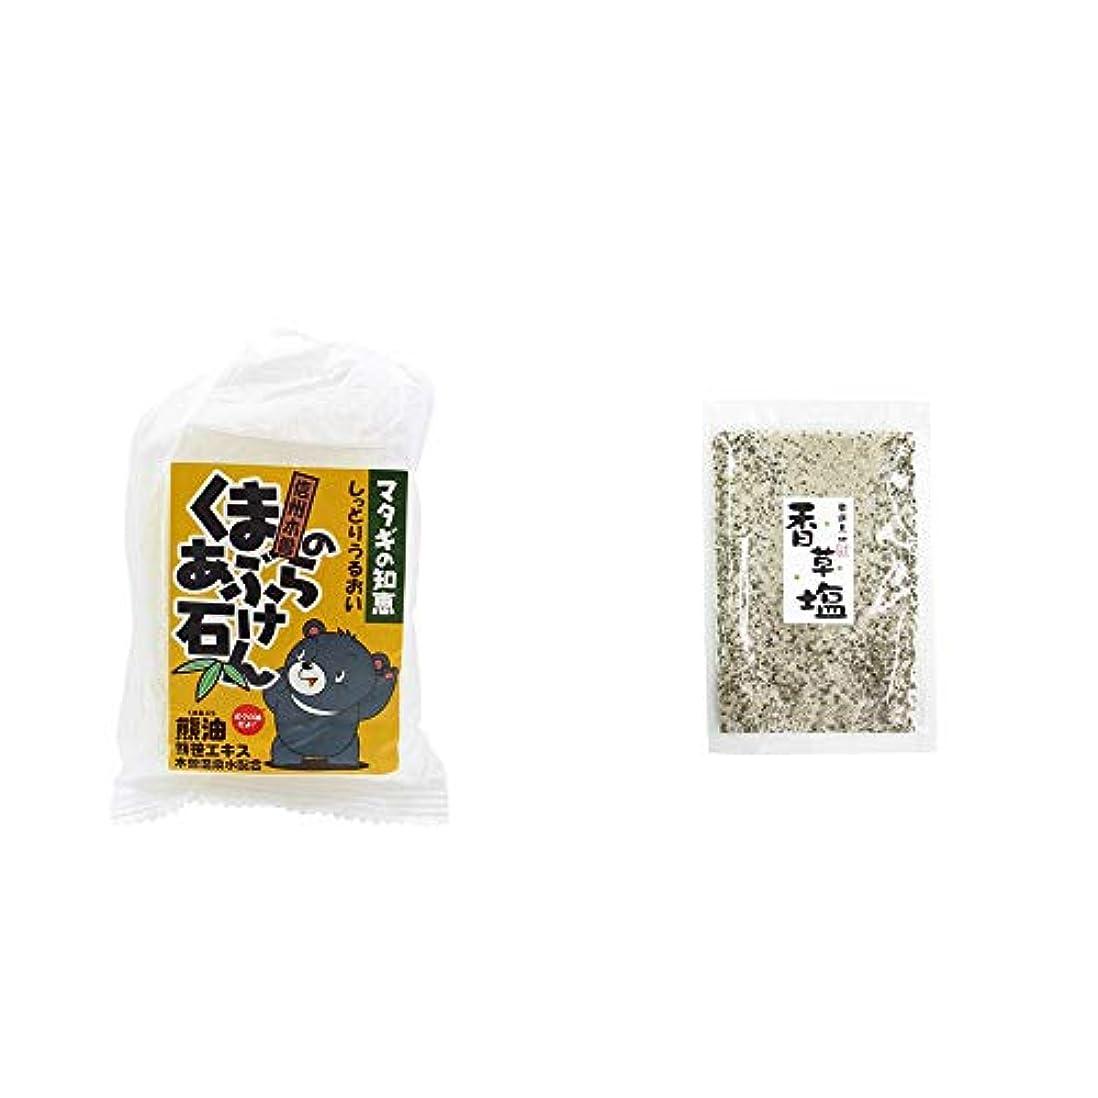 再生植物のブーム[2点セット] 信州木曽 くまのあぶら石けん(80g)?香草塩 [袋タイプ](100g)